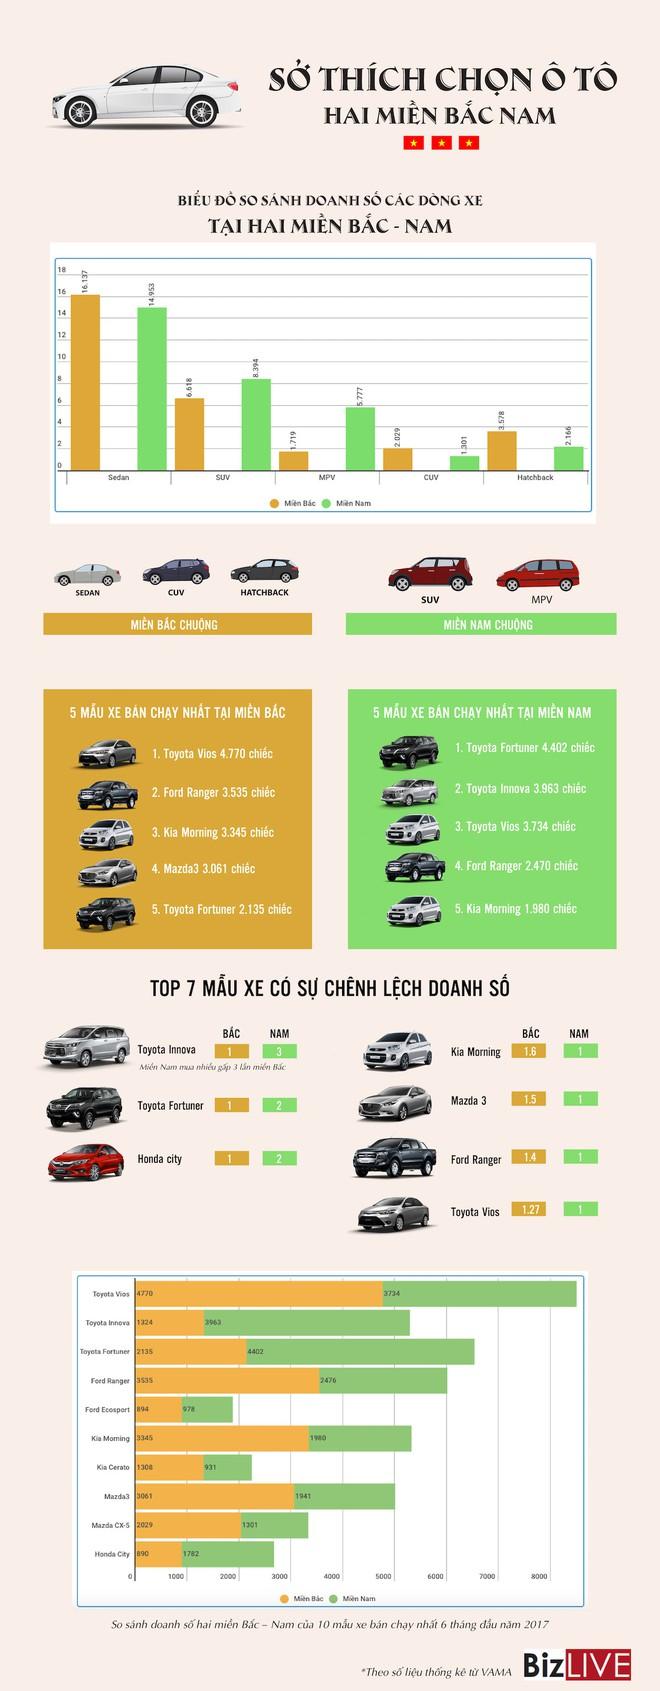 [Infographic] Sở thích chọn ô tô hai miền Nam Bắc có gì khác nhau? - Ảnh 1.